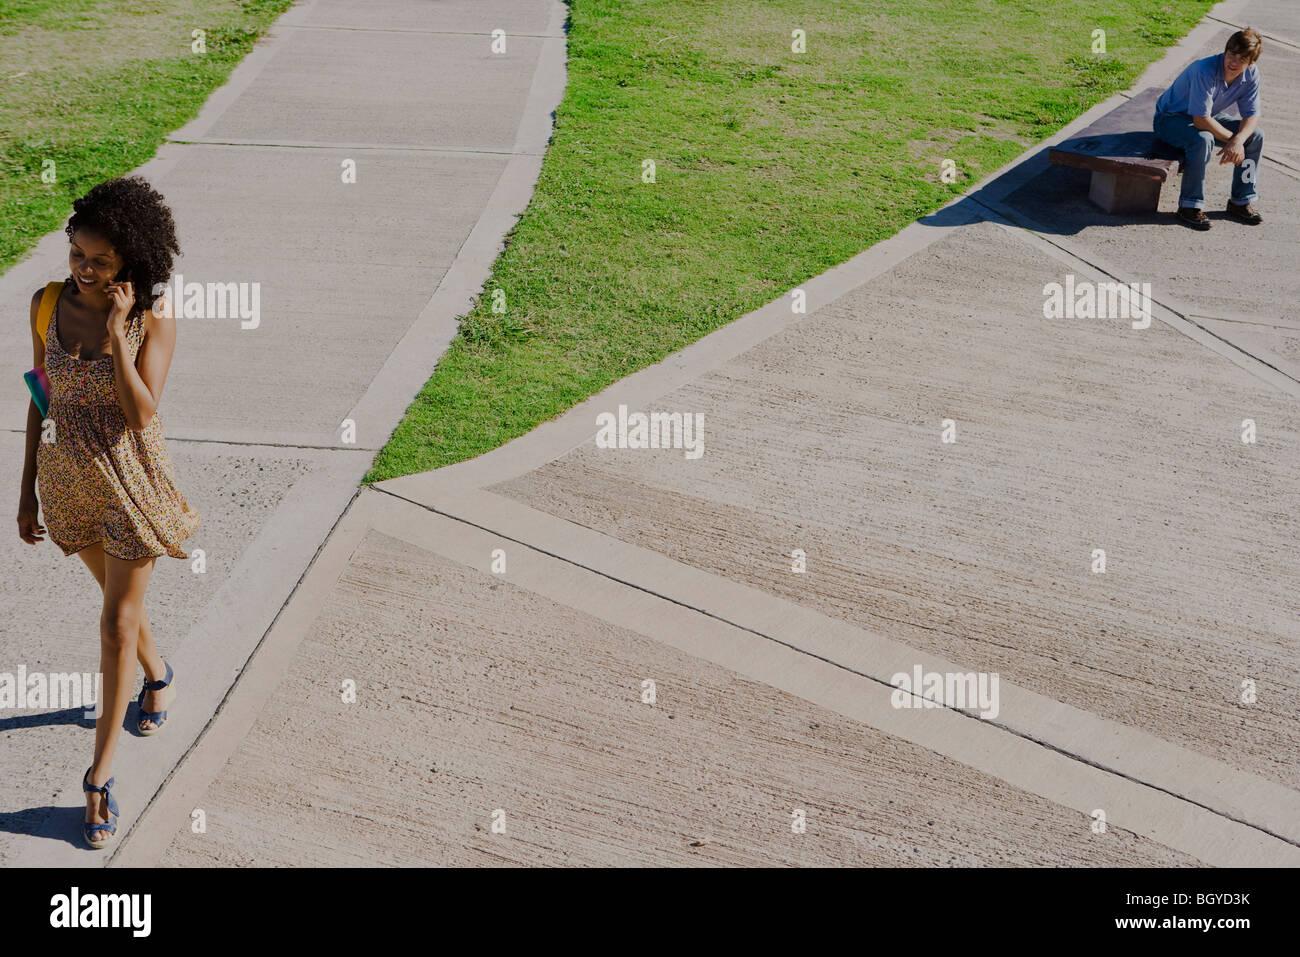 Attraktive junge Frau zu Fuß in Park, reden über Handy, jungen Mann beobachtete sie von nahe gelegenen Stockbild